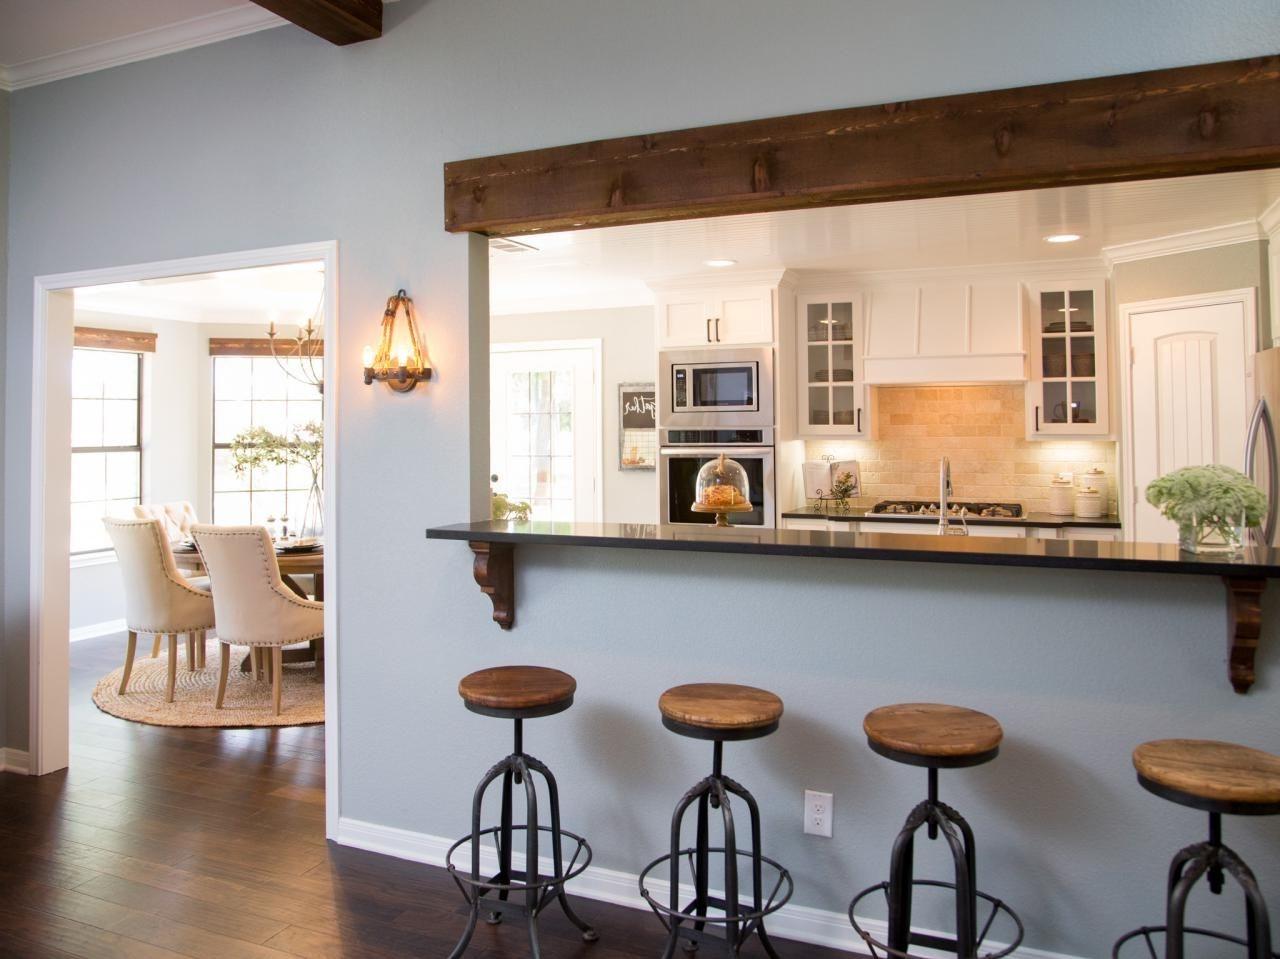 Cuisine ouverte sur le salon : Semi Ouverte Cuisine Ouverte Sur Salon Avec Bar Galeries ...